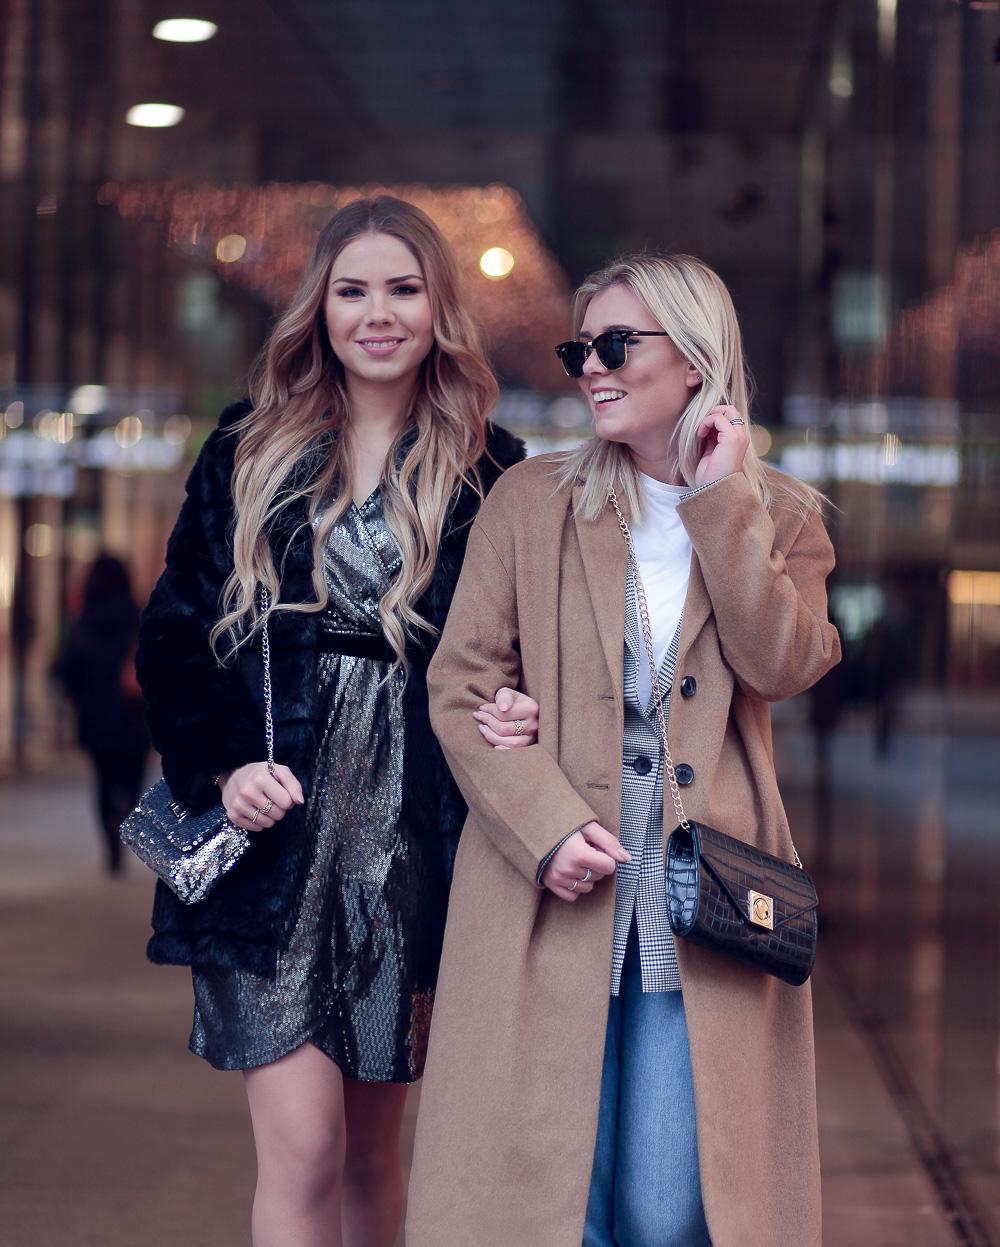 Styleblog-Party Outfits im Vergleich von Orsay